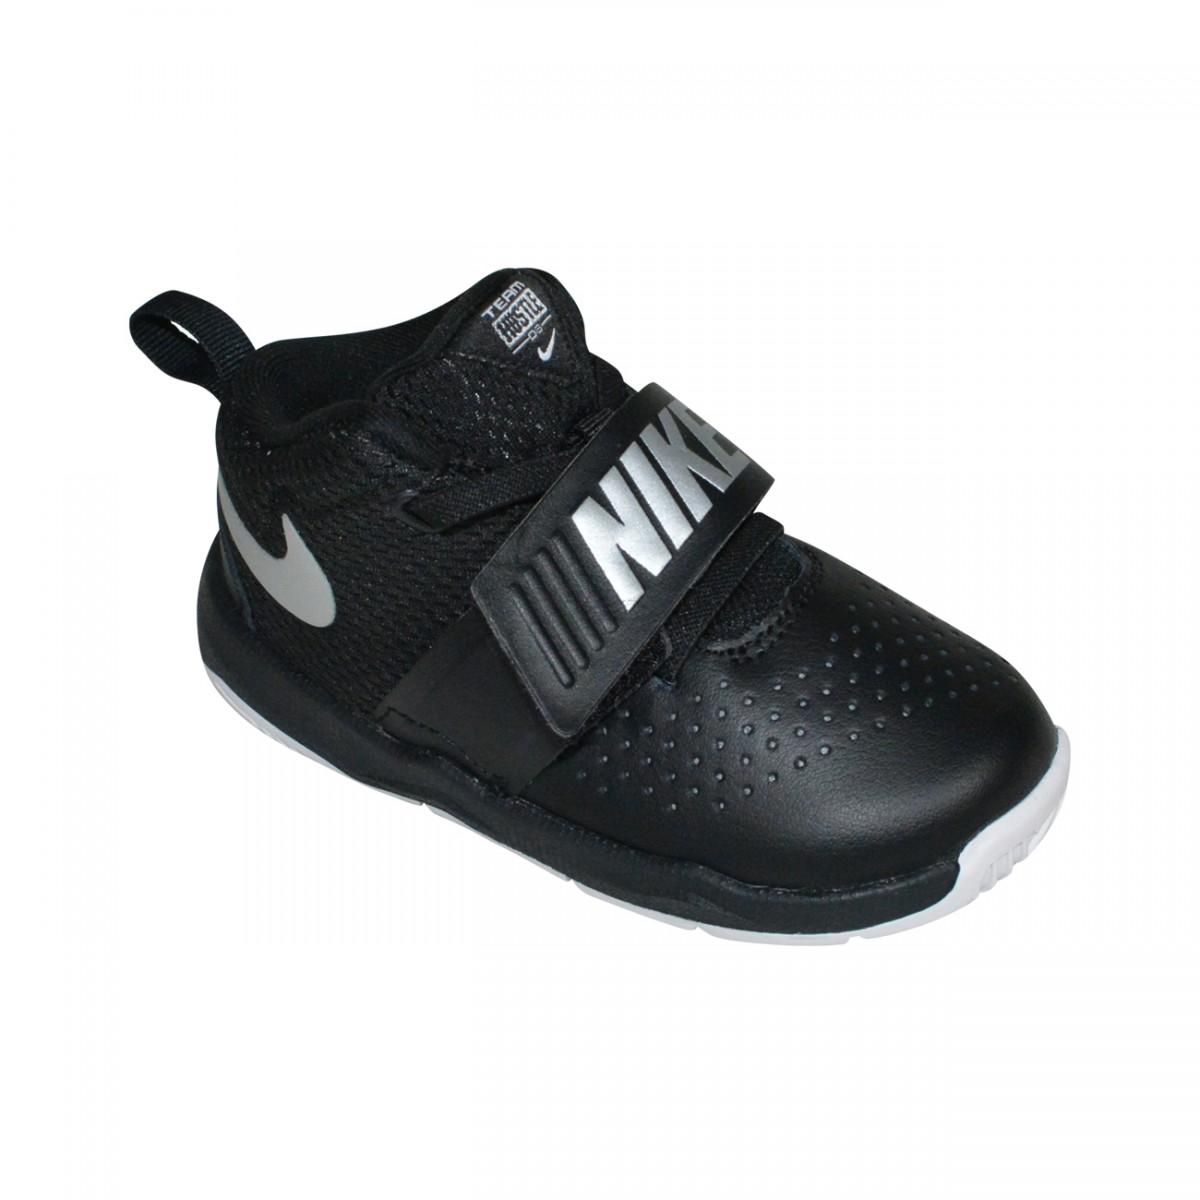 Tenis Nike Team Hustle D8 TD Infantil 881943 001 - Preto Preto Prata -  Chuteira Nike 423161e6c90d7